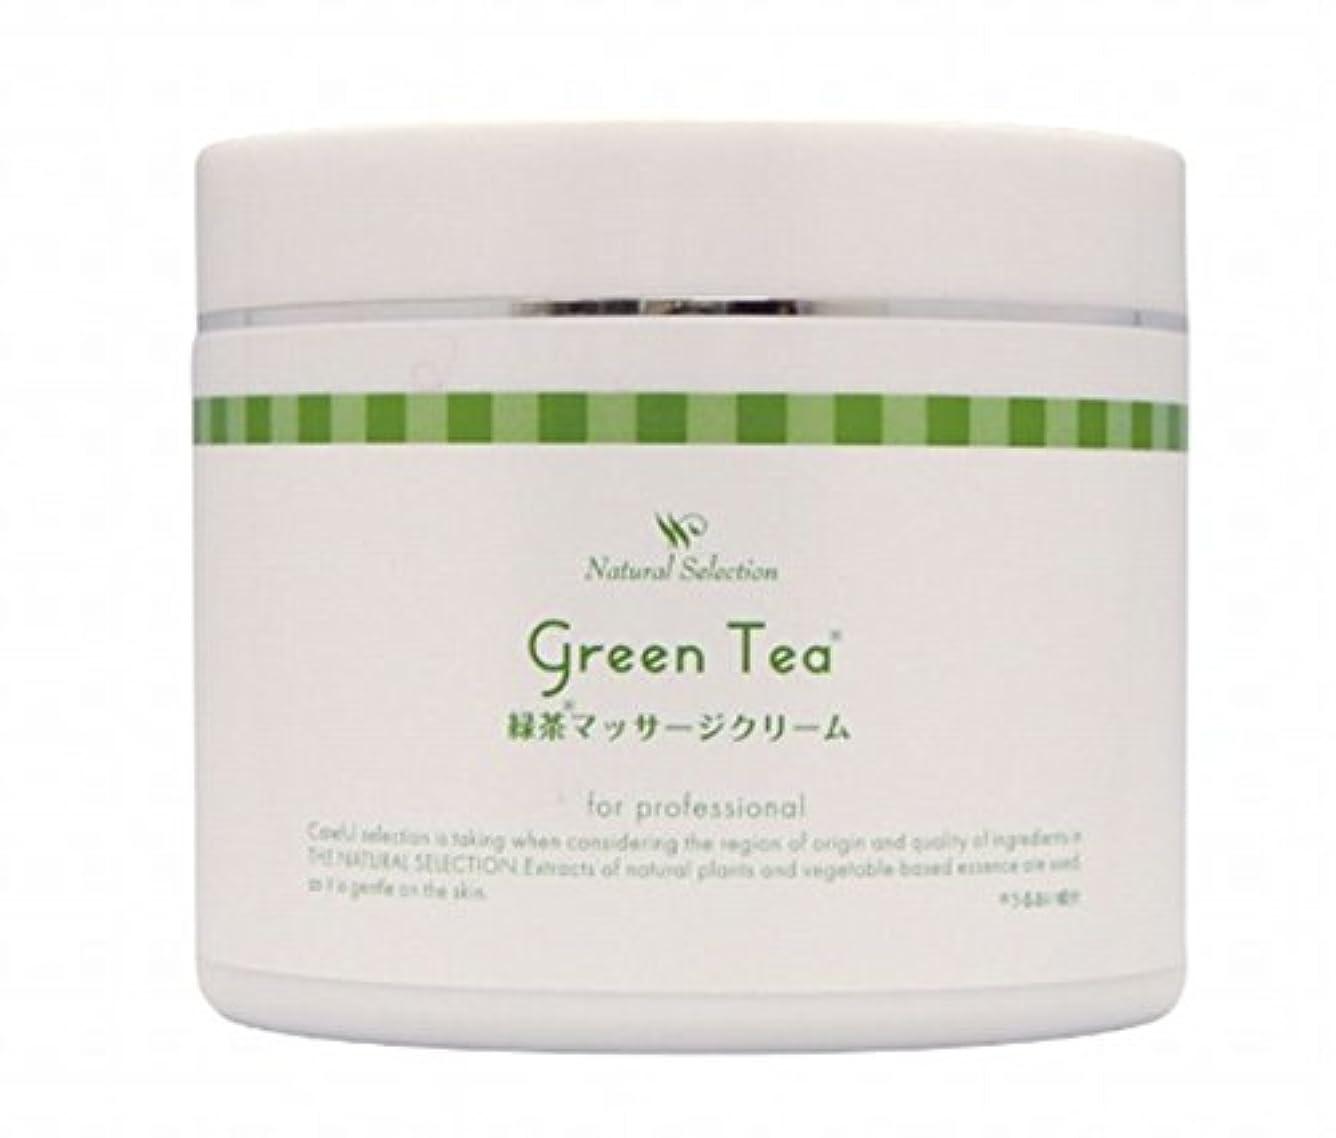 とまり木ジャズ霧緑茶マッサージクリーム(450g)【フットマッサージ】足もみクリーム 2個セット